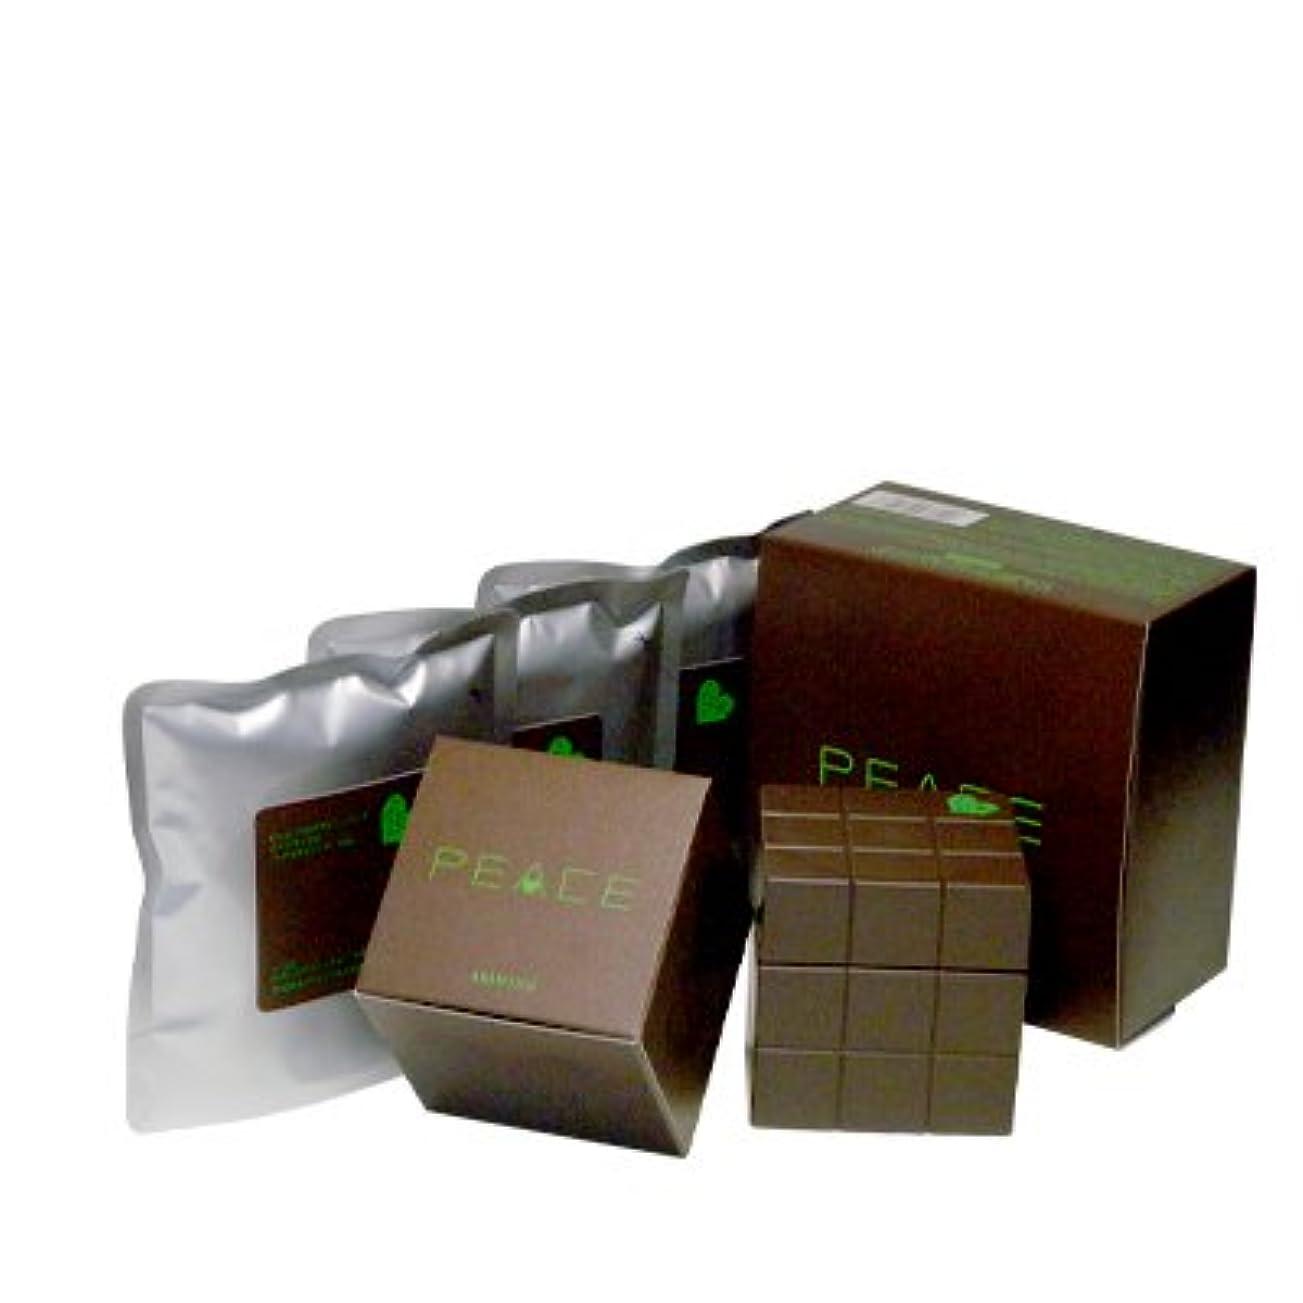 蓄積する未亡人通常アリミノ ピース プロデザインシリーズ ハードワックス チョコ80g+詰め替え80g×3